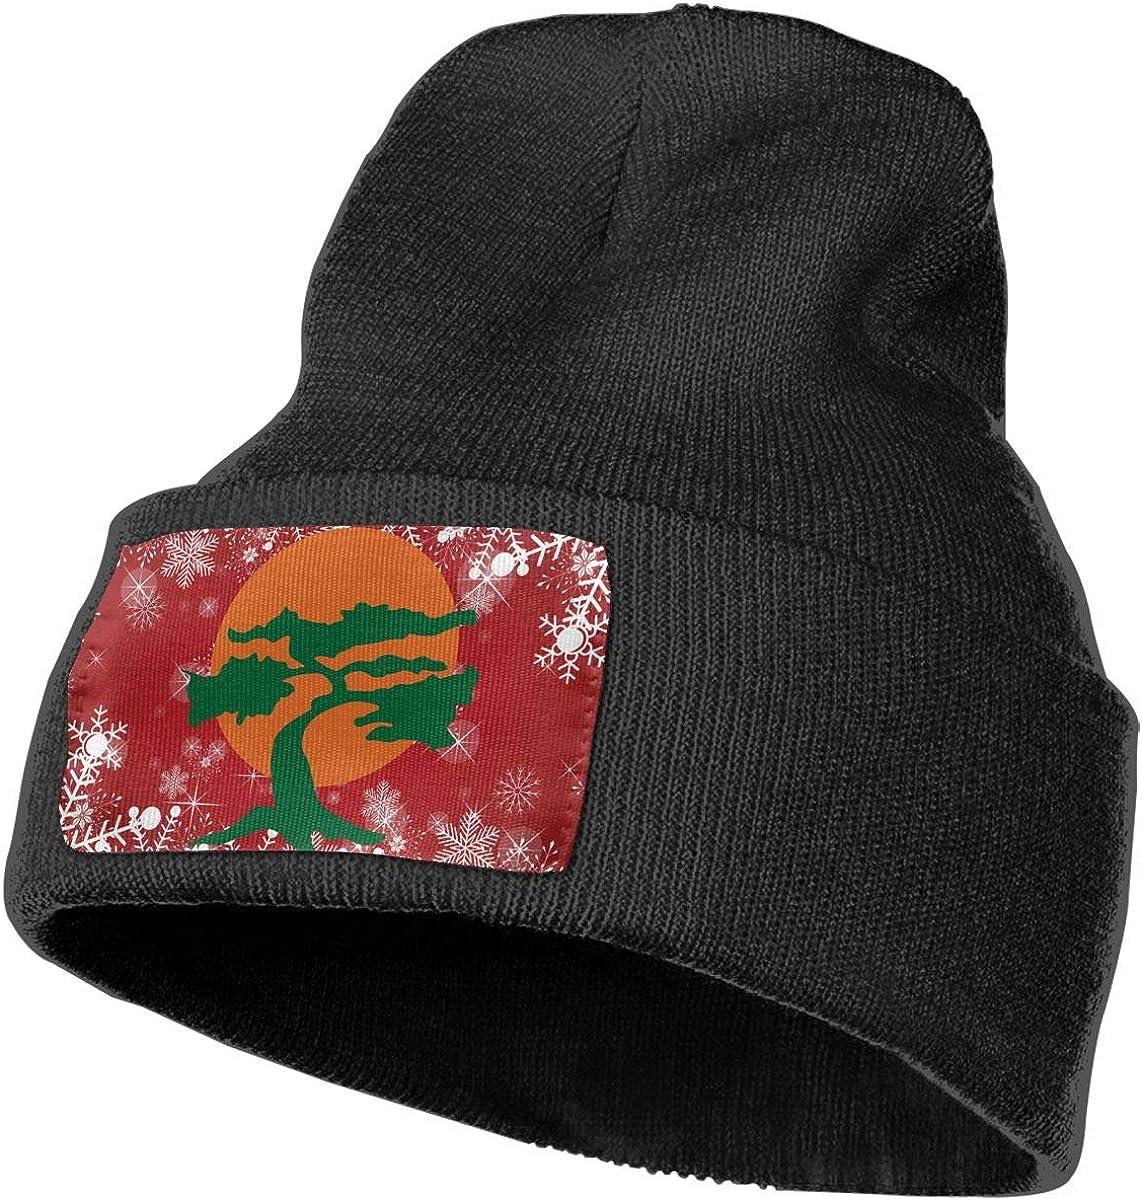 Miyagi Dojo Karate Men /& Women Knitting Hats Stretchy /& Soft Skull Cap Beanie